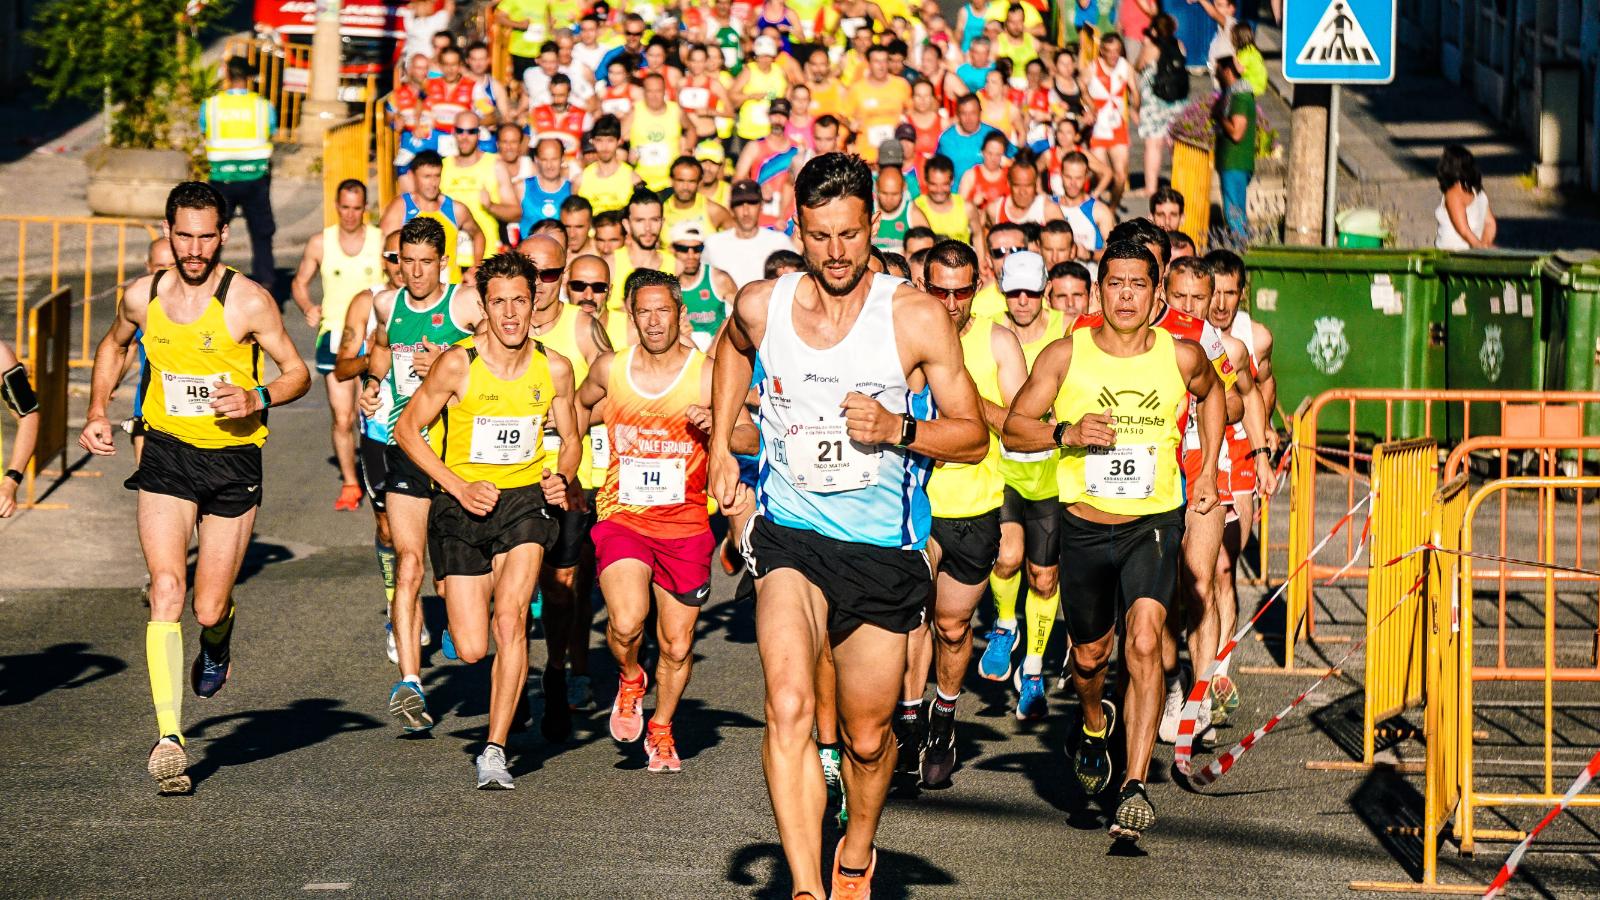 Moonlit 5K and 1 Mile Fun Run/Walk 5/15/20